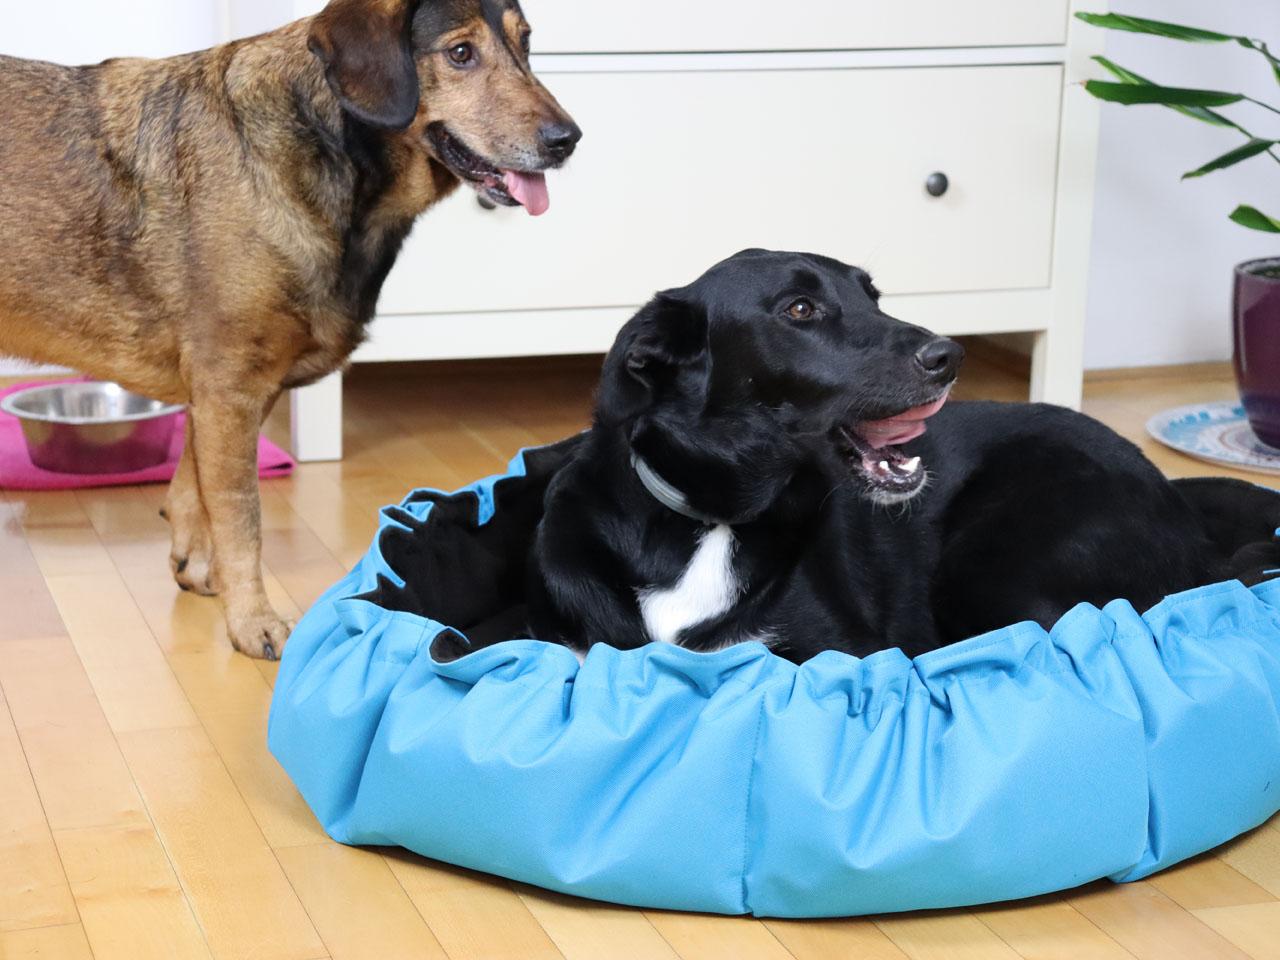 pas u gnijezdo jastuku